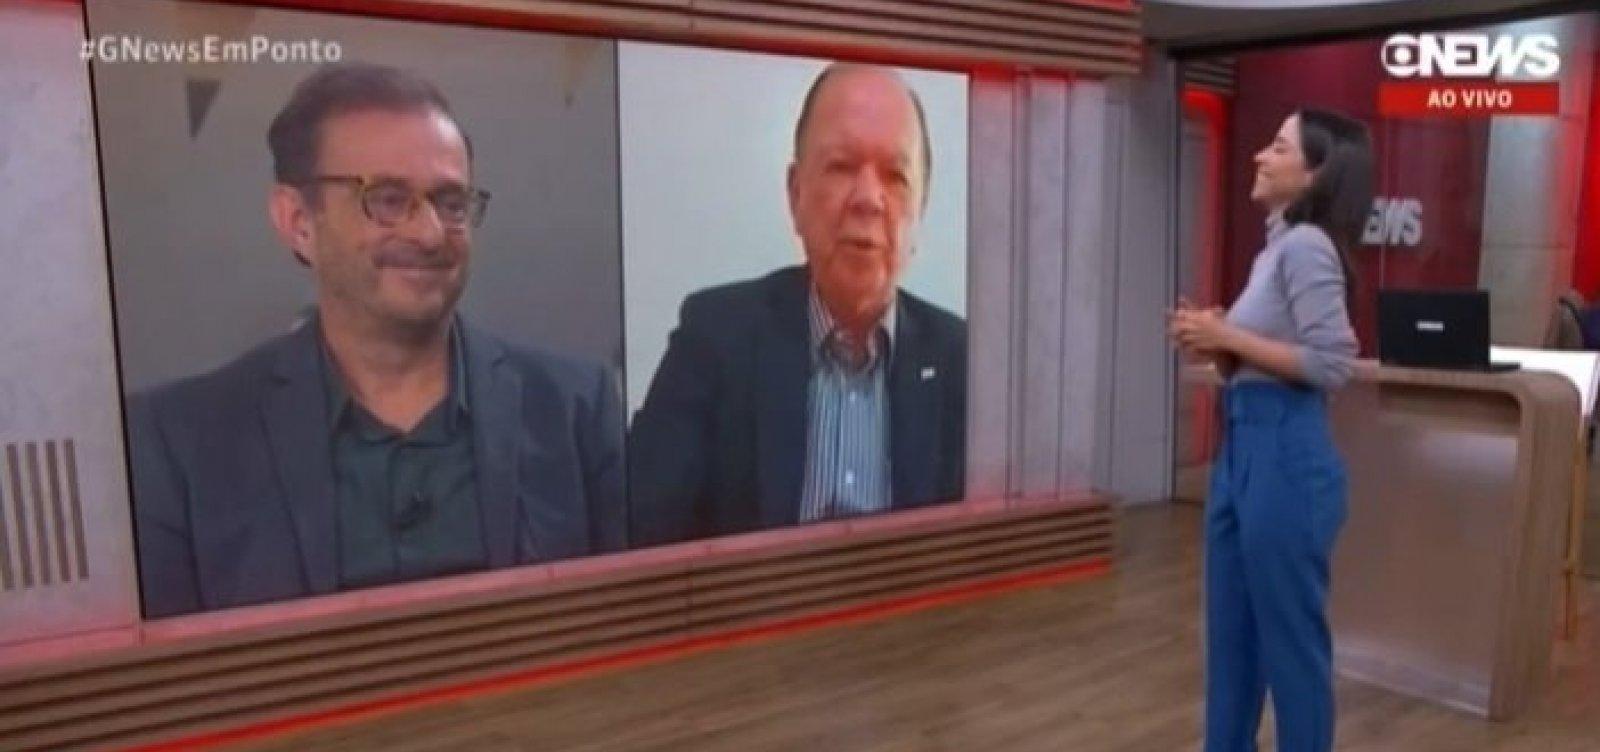 Vice-governador da Bahia comete gafe e troca nome de emissora ao vivo